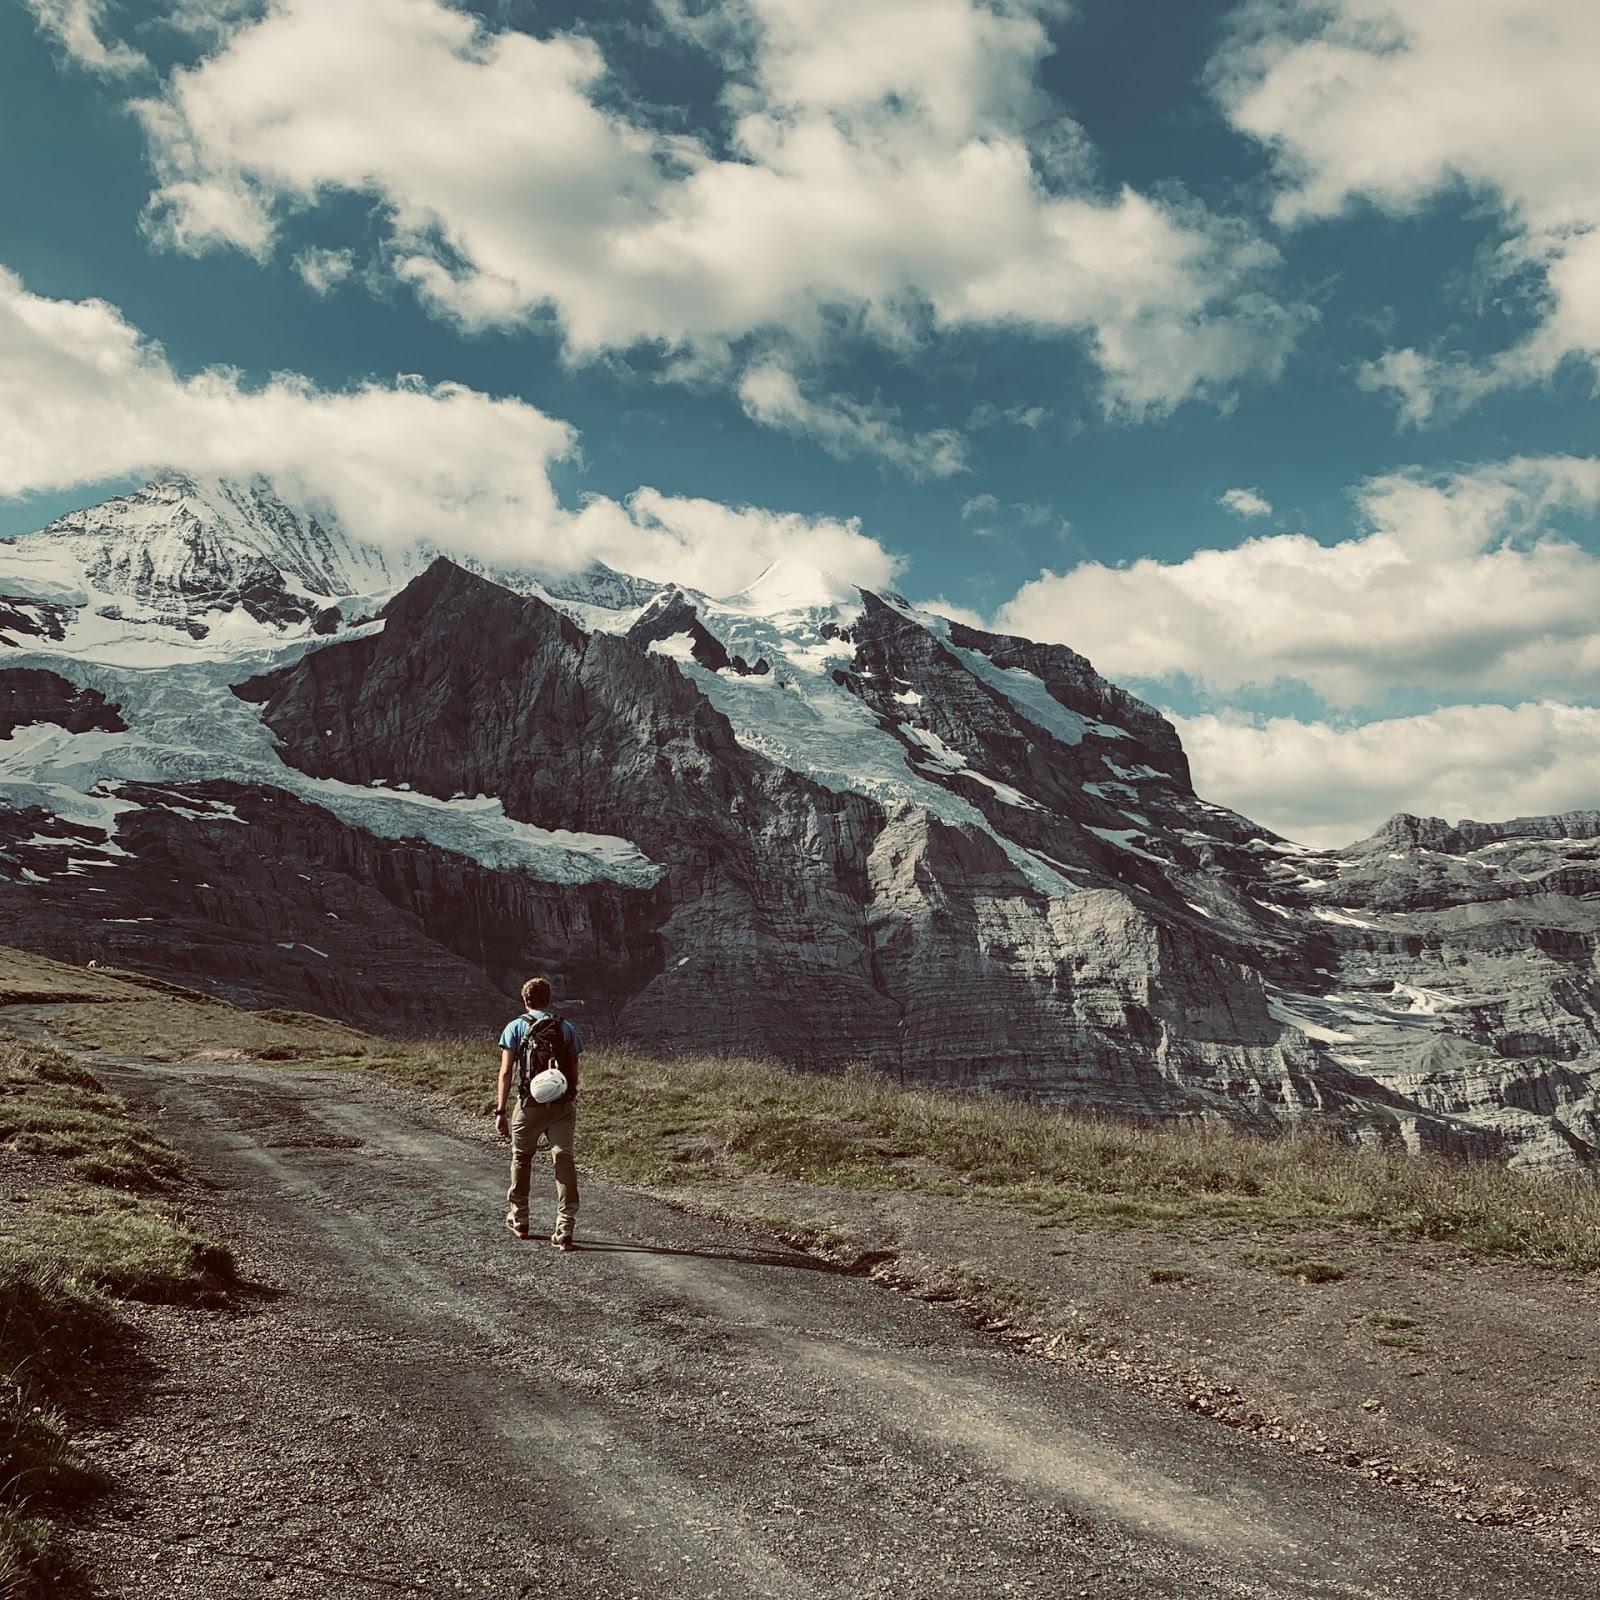 man walking next to mountains